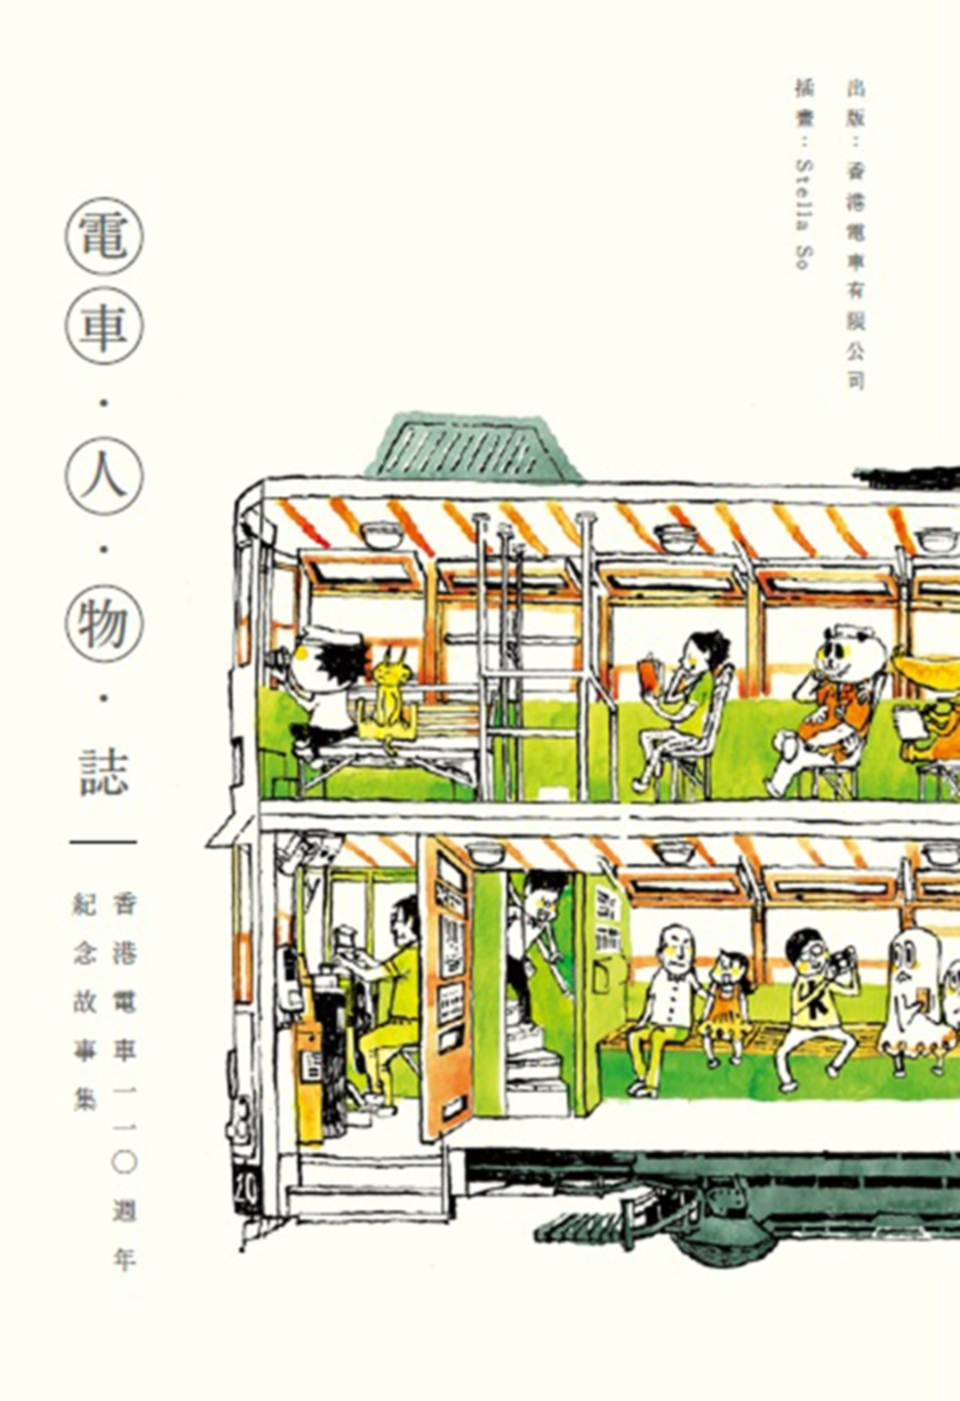 電車.人.物.誌:香港電車110週年紀念故事集